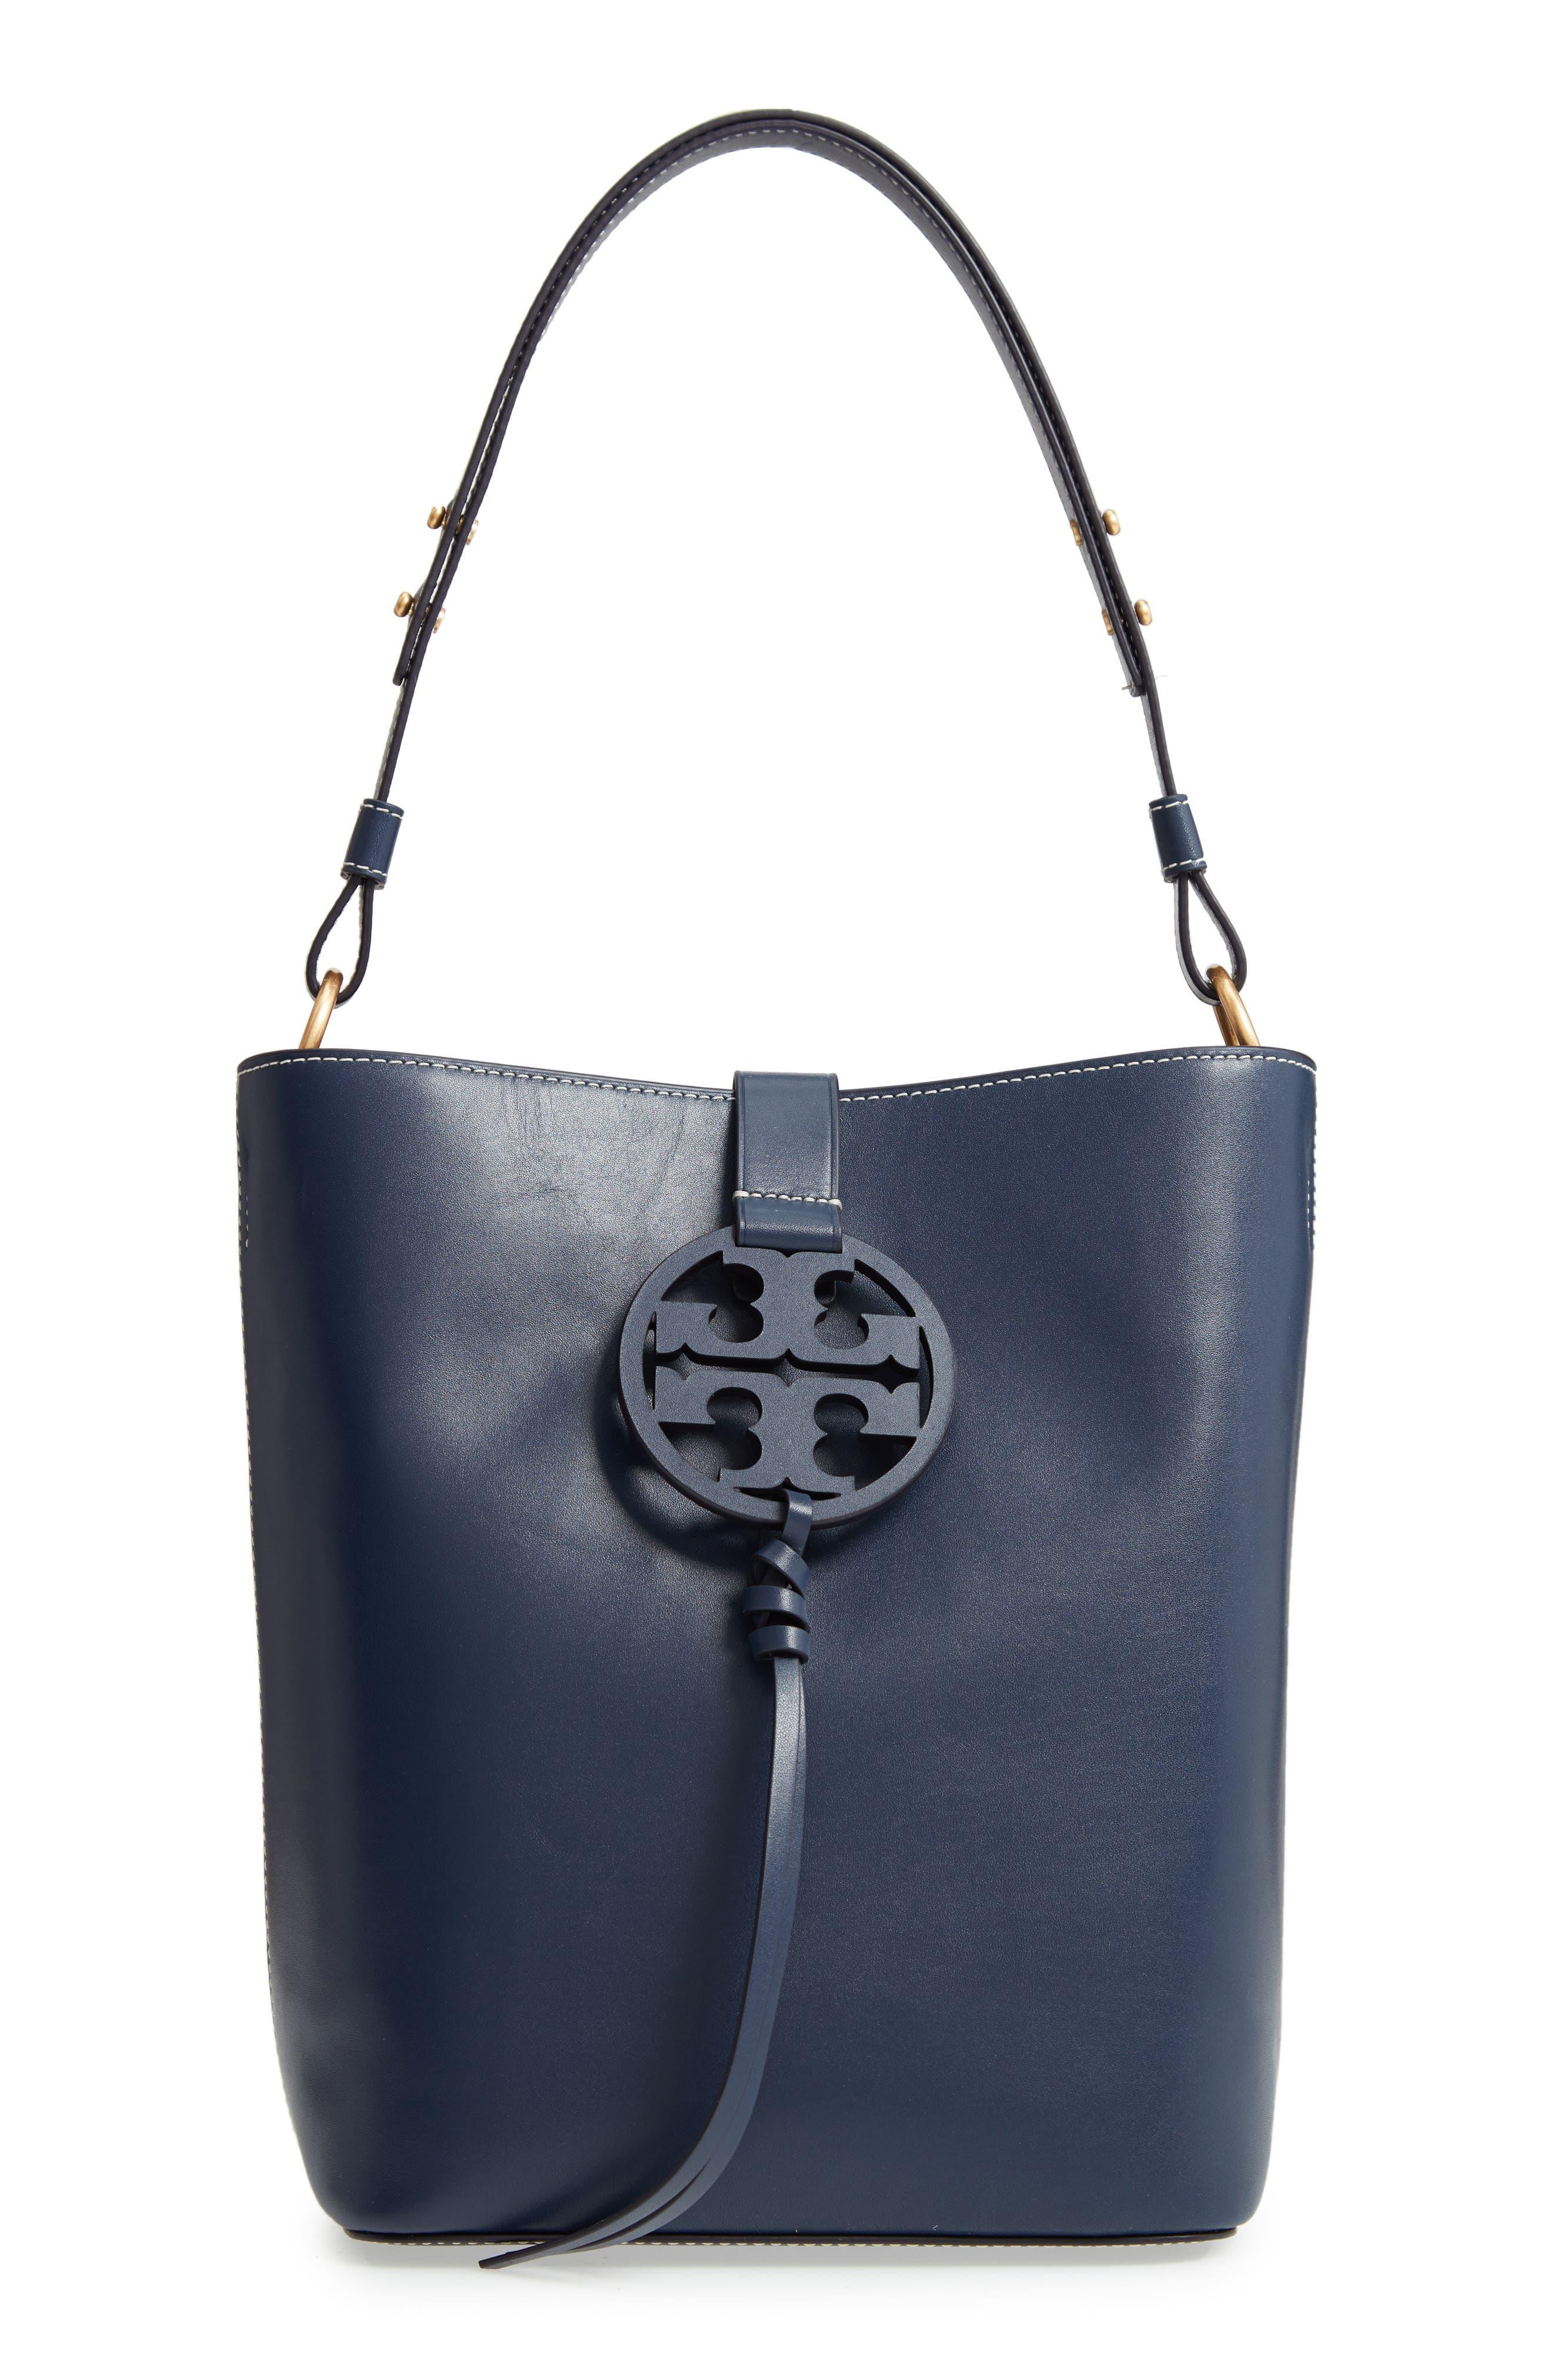 Miller Smooth Leather Tassel-Tab Shoulder Hobo Bag in Royal Navy